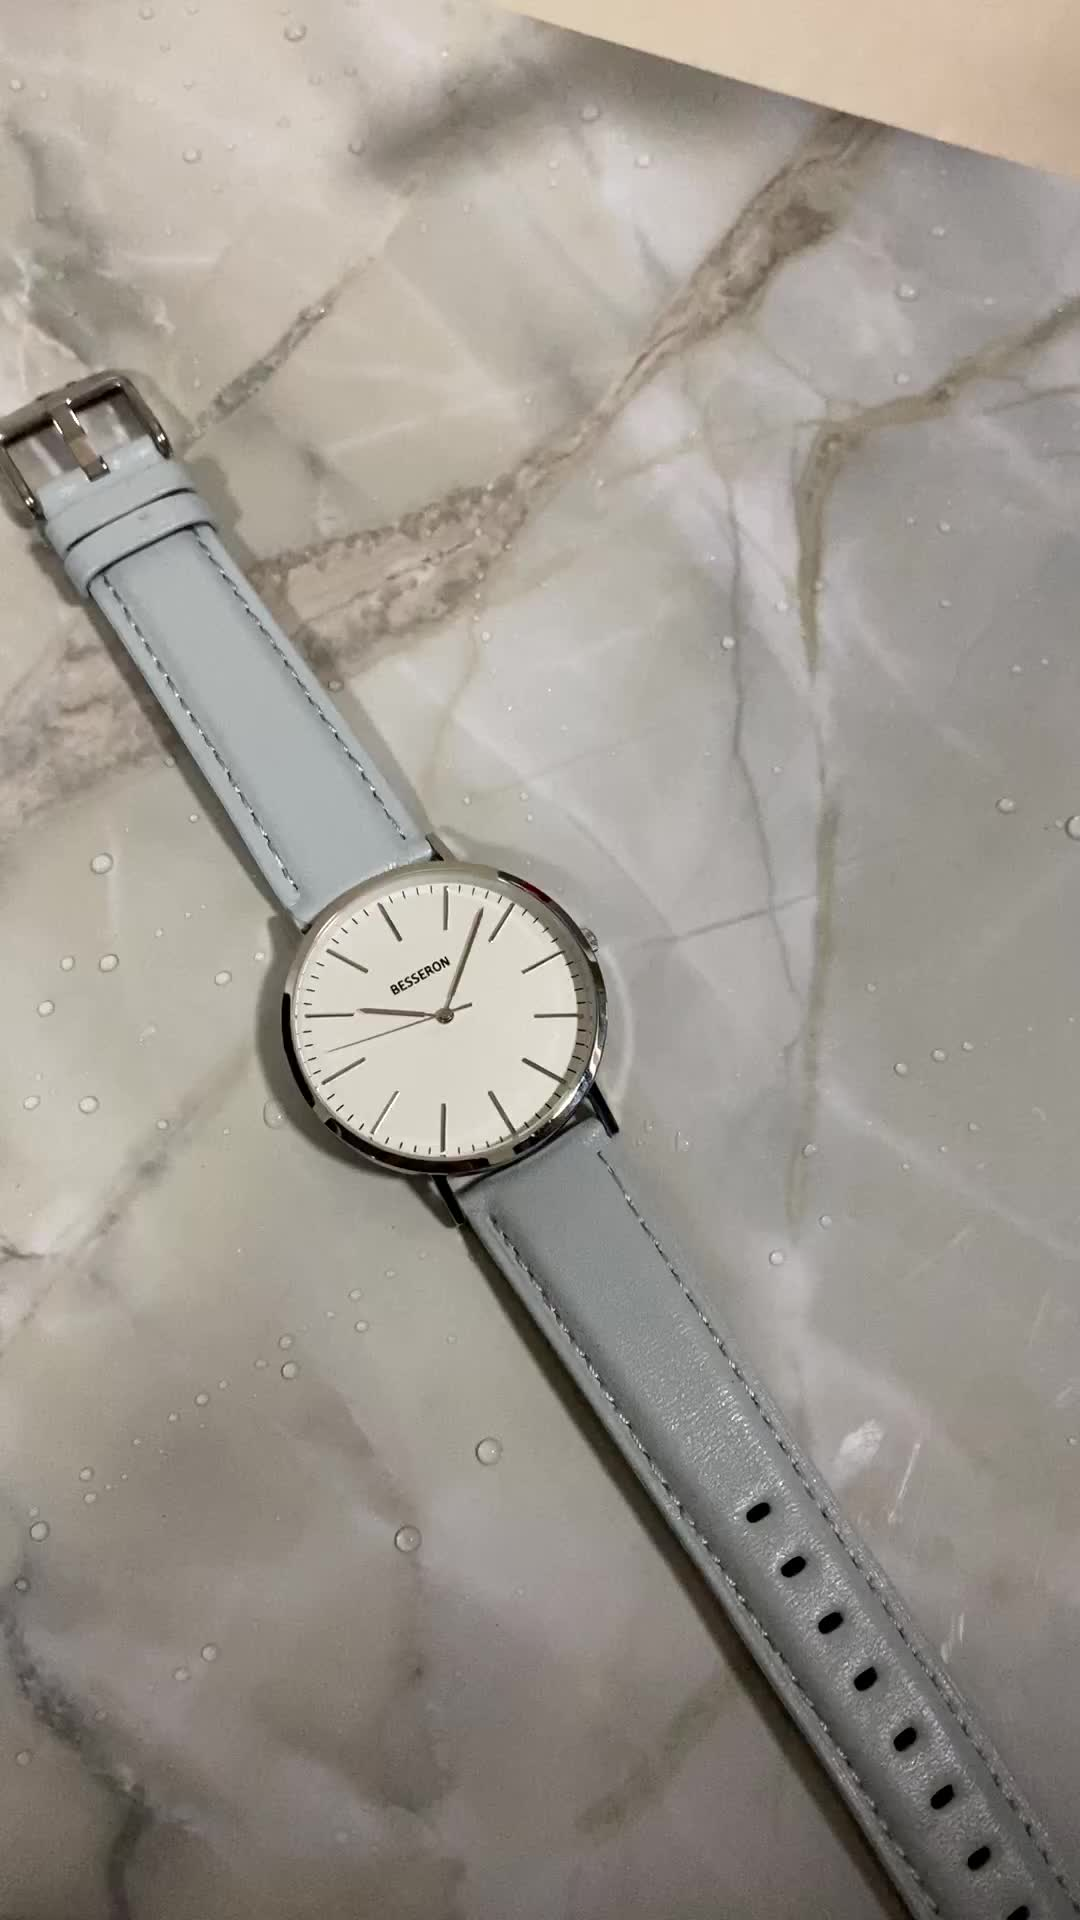 Relógios de marca o seu próprio azul marca relógios homens relógios homem simples relógio de mão de malha